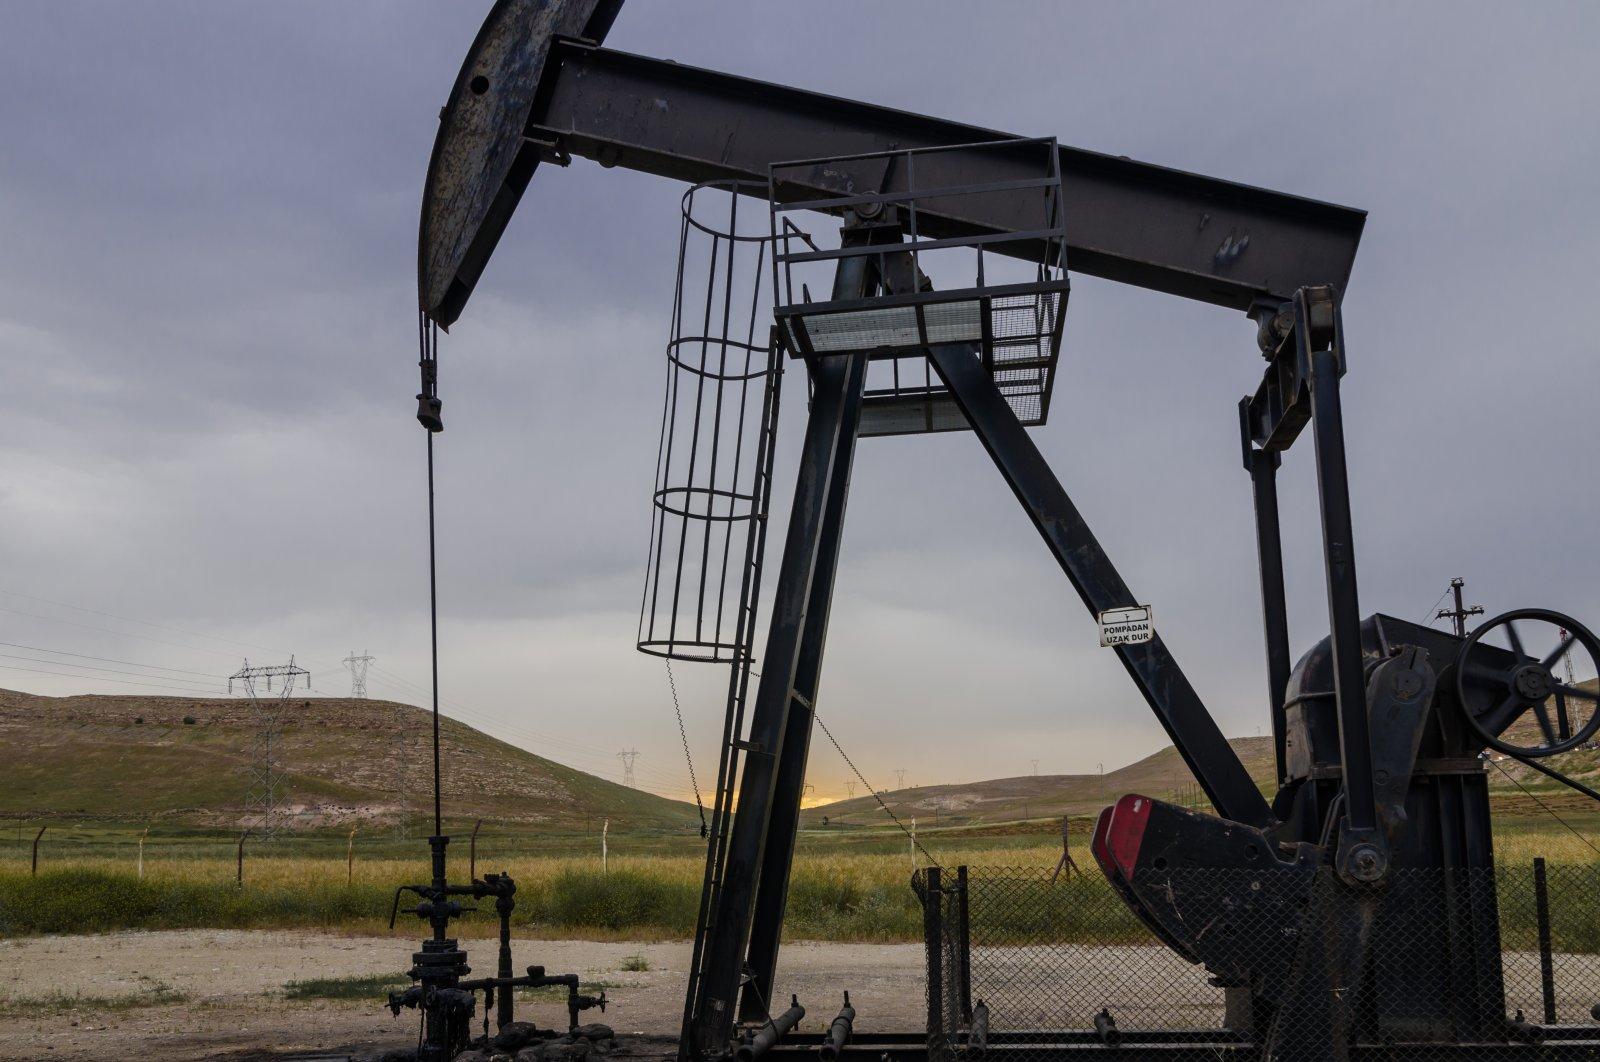 A pump jack is seen at Raman oil field in southeastern Batman province, Turkey, June 6, 2015. (Shutterstock Photo)